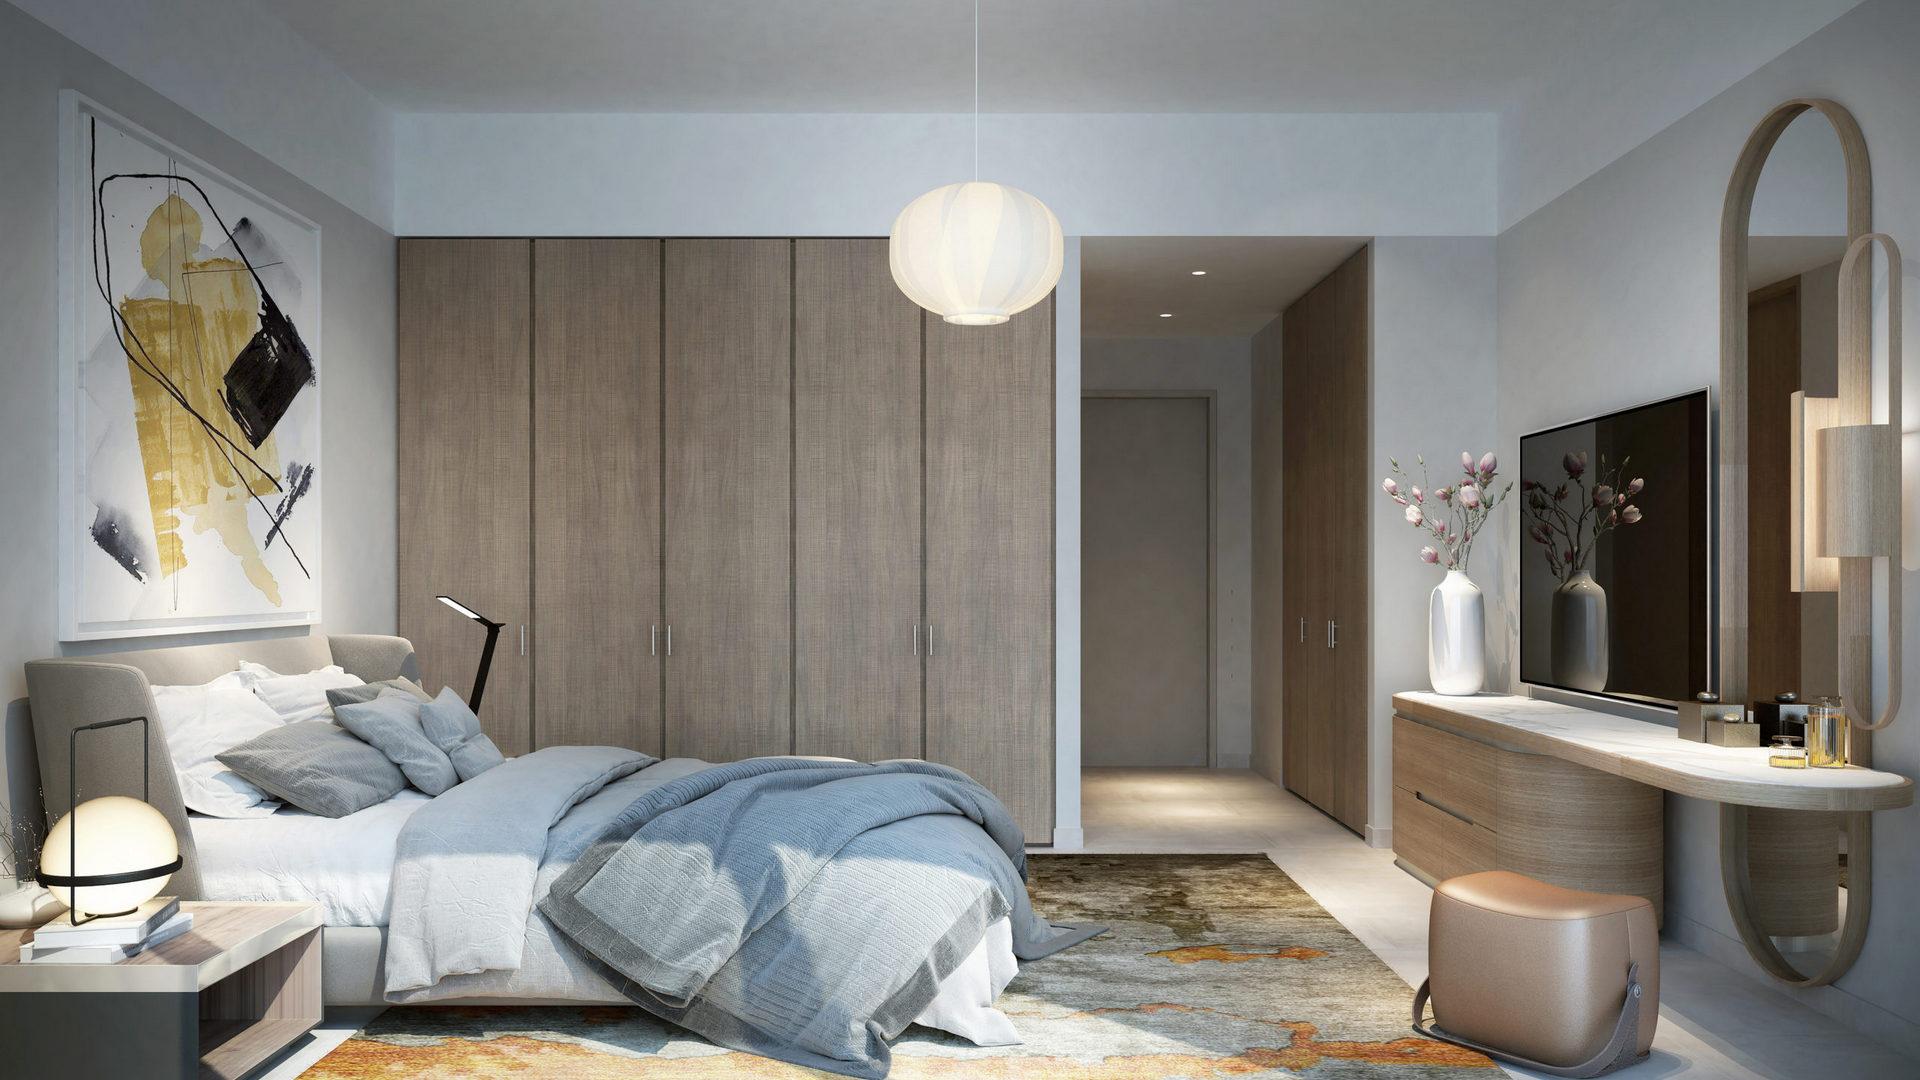 Villa en venta en Dubai, EAU, 4 dormitorios, 215 m2, № 24667 – foto 5